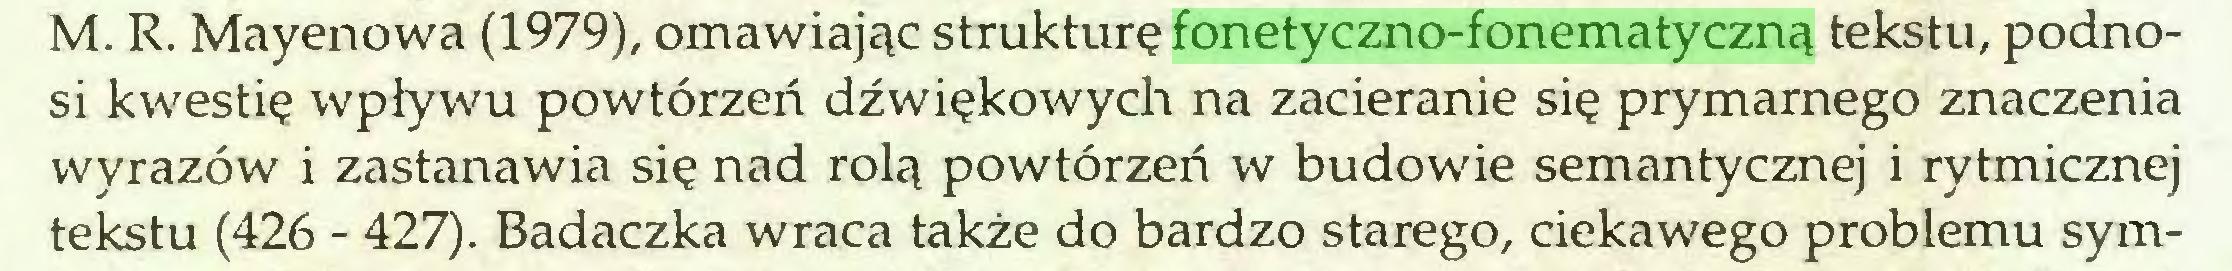 (...) M. R. Mayenowa (1979), omawiając strukturę fonetyczno-fonematyczną tekstu, podnosi kwestię wpływu powtórzeń dźwiękowych na zacieranie się prymarnego znaczenia wyrazów i zastanawia się nad rolą powtórzeń w budowie semantycznej i rytmicznej tekstu (426 - 427). Badaczka wraca także do bardzo starego, ciekawego problemu sym...